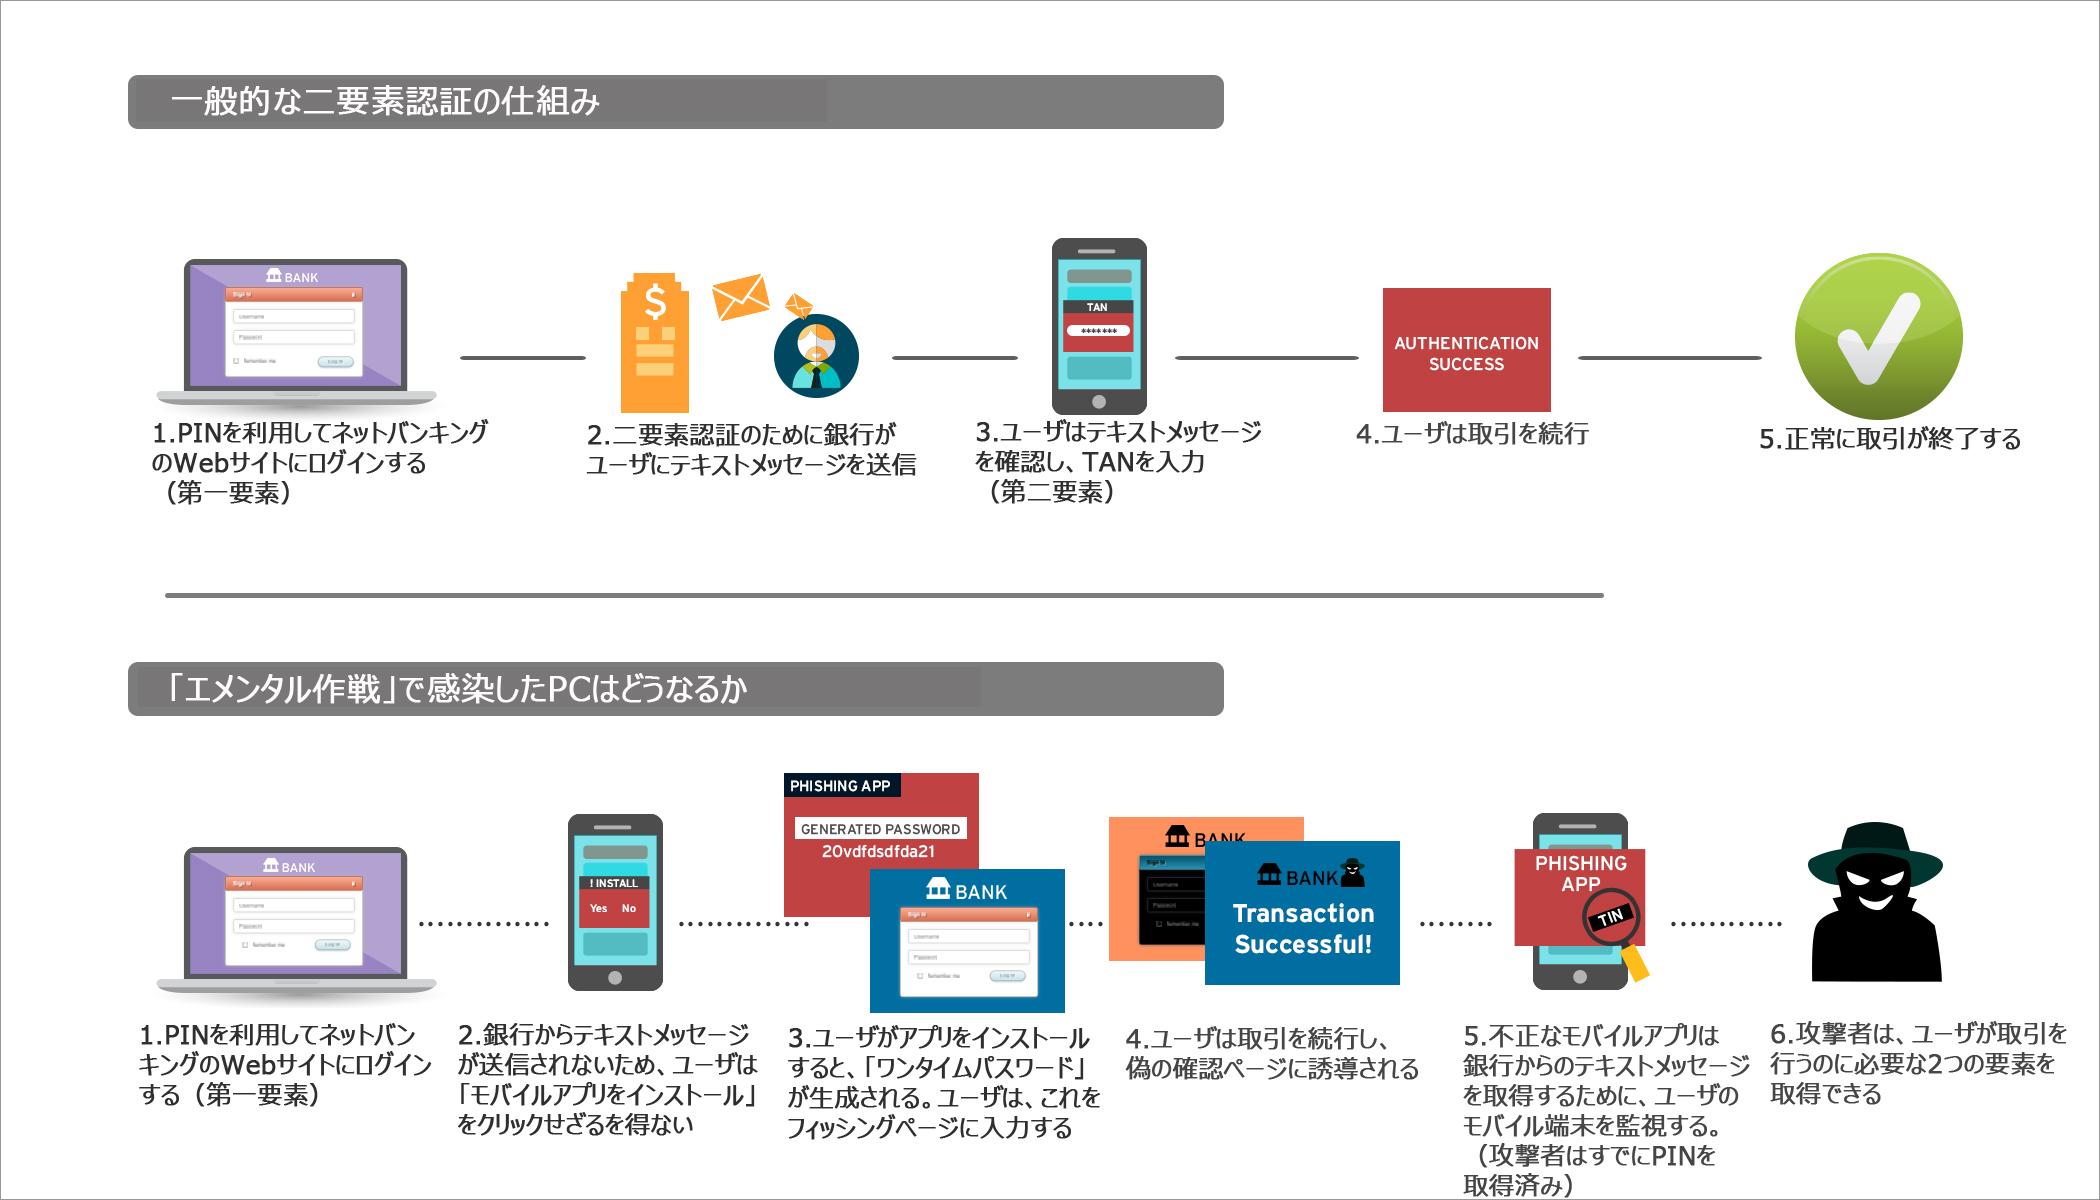 図1:「エメンタル作戦」で PC が感染したときの二要素認証プロセス(クリックすると拡大します)